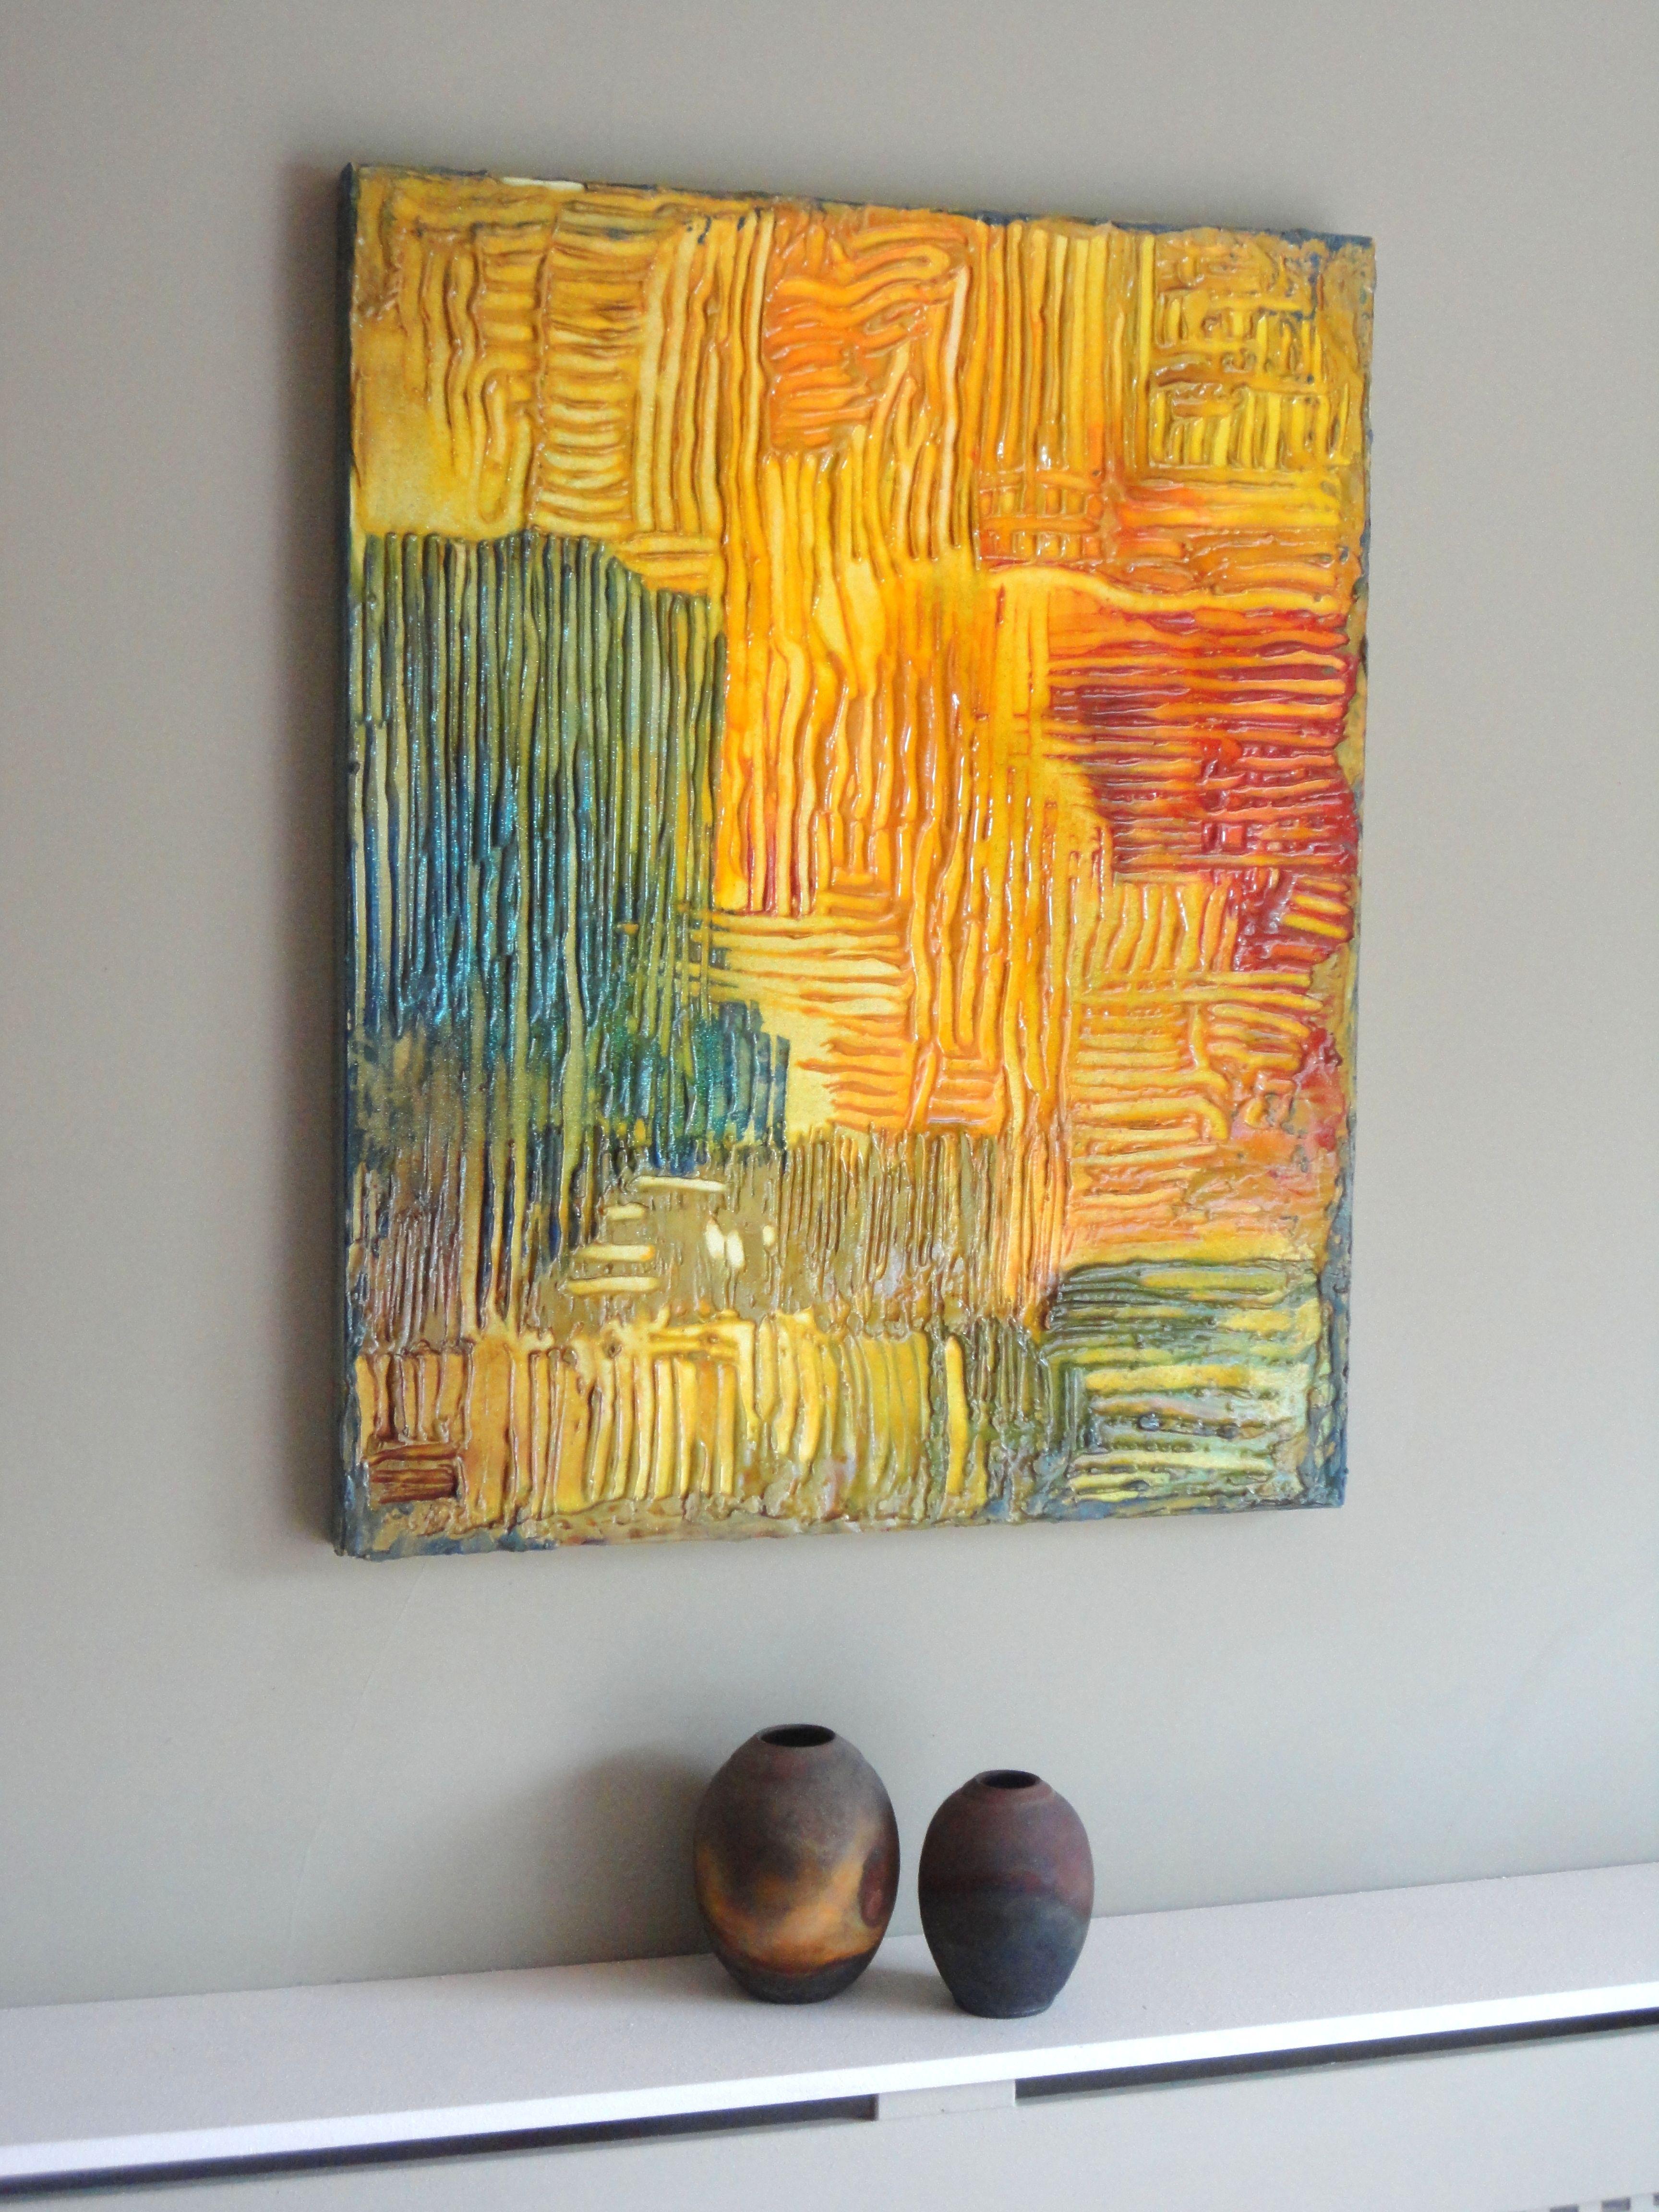 Abstract Art by Paul Mason | Modern Abstract Art | Pinterest ...